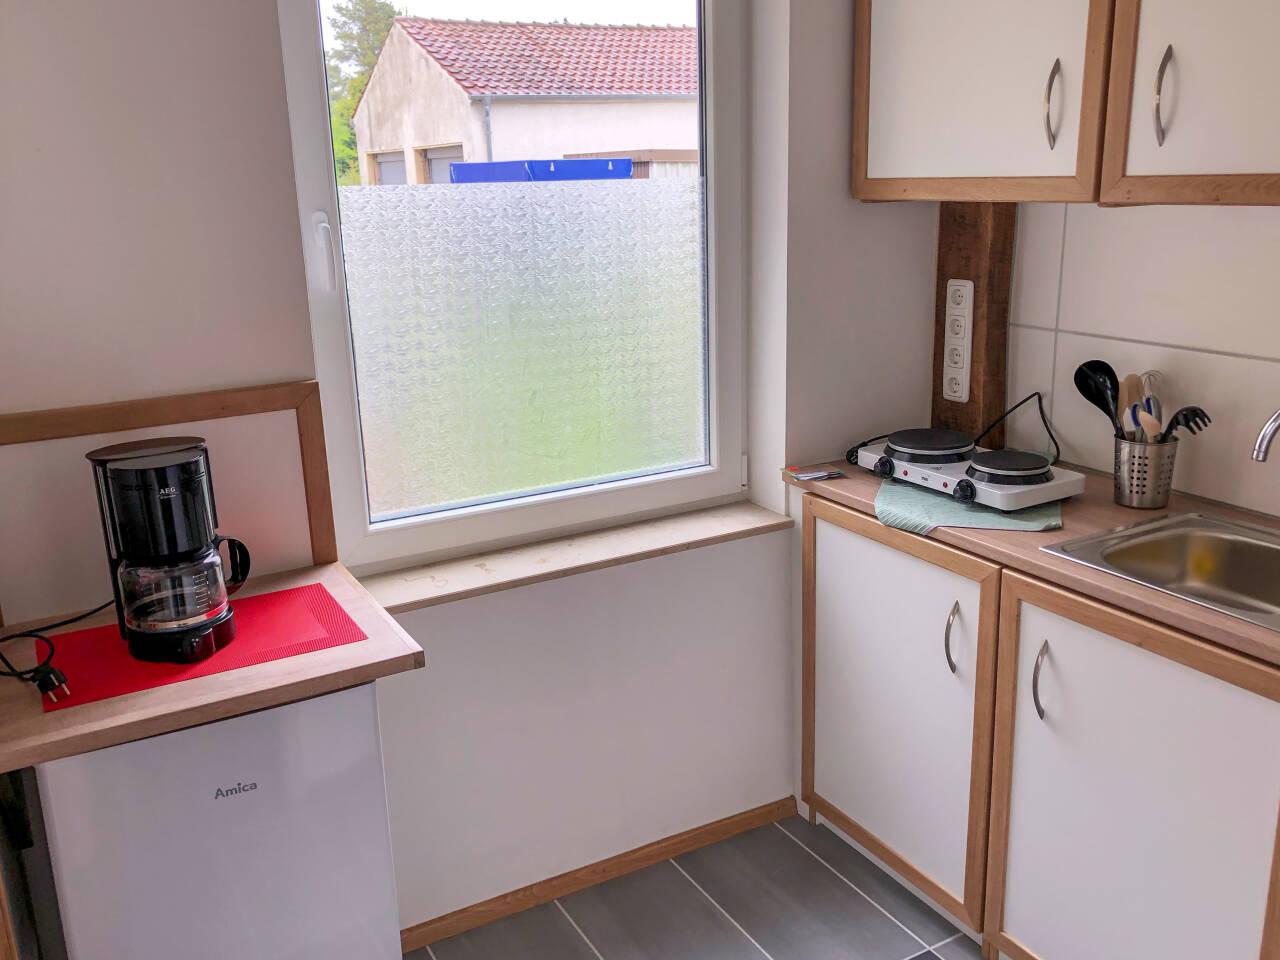 Küche Ansicht Monteurs und Ferienzimmer im Zentrum der Stadt Rahden